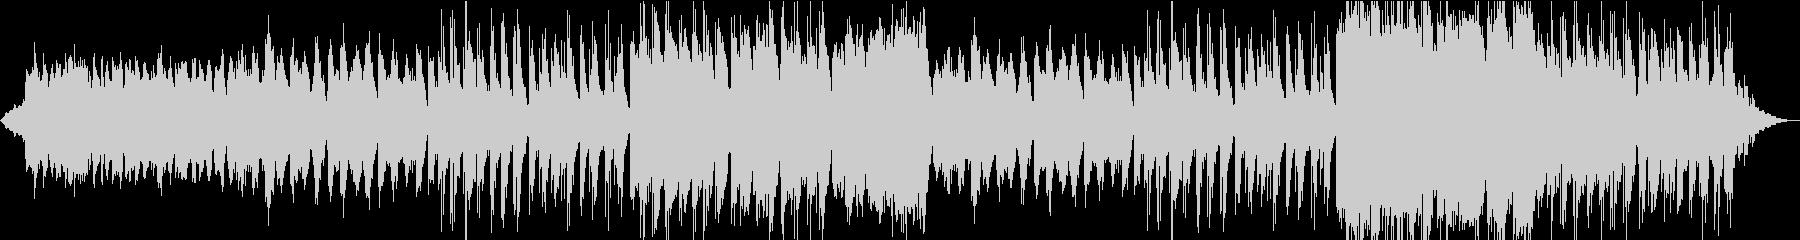 壮大な響きでゆっくりなメロディーの未再生の波形